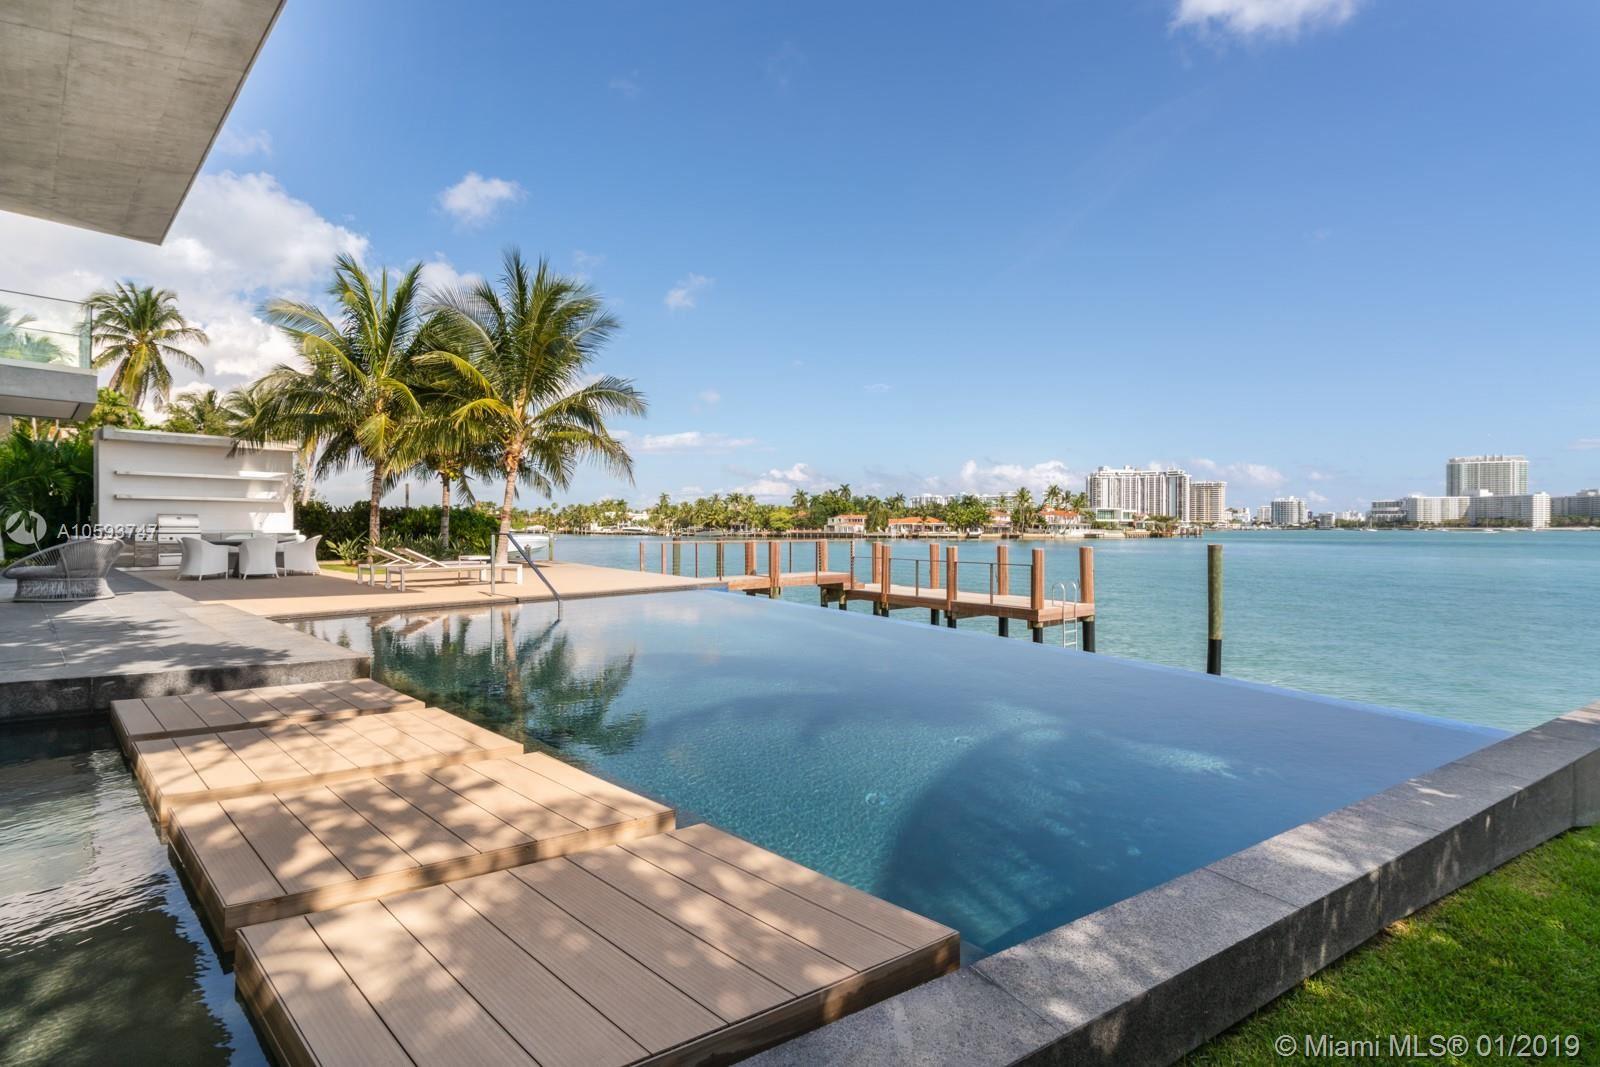 Photo 26 of Listing MLS a10593747 in 35 E Dilido Dr Miami Beach FL 33139